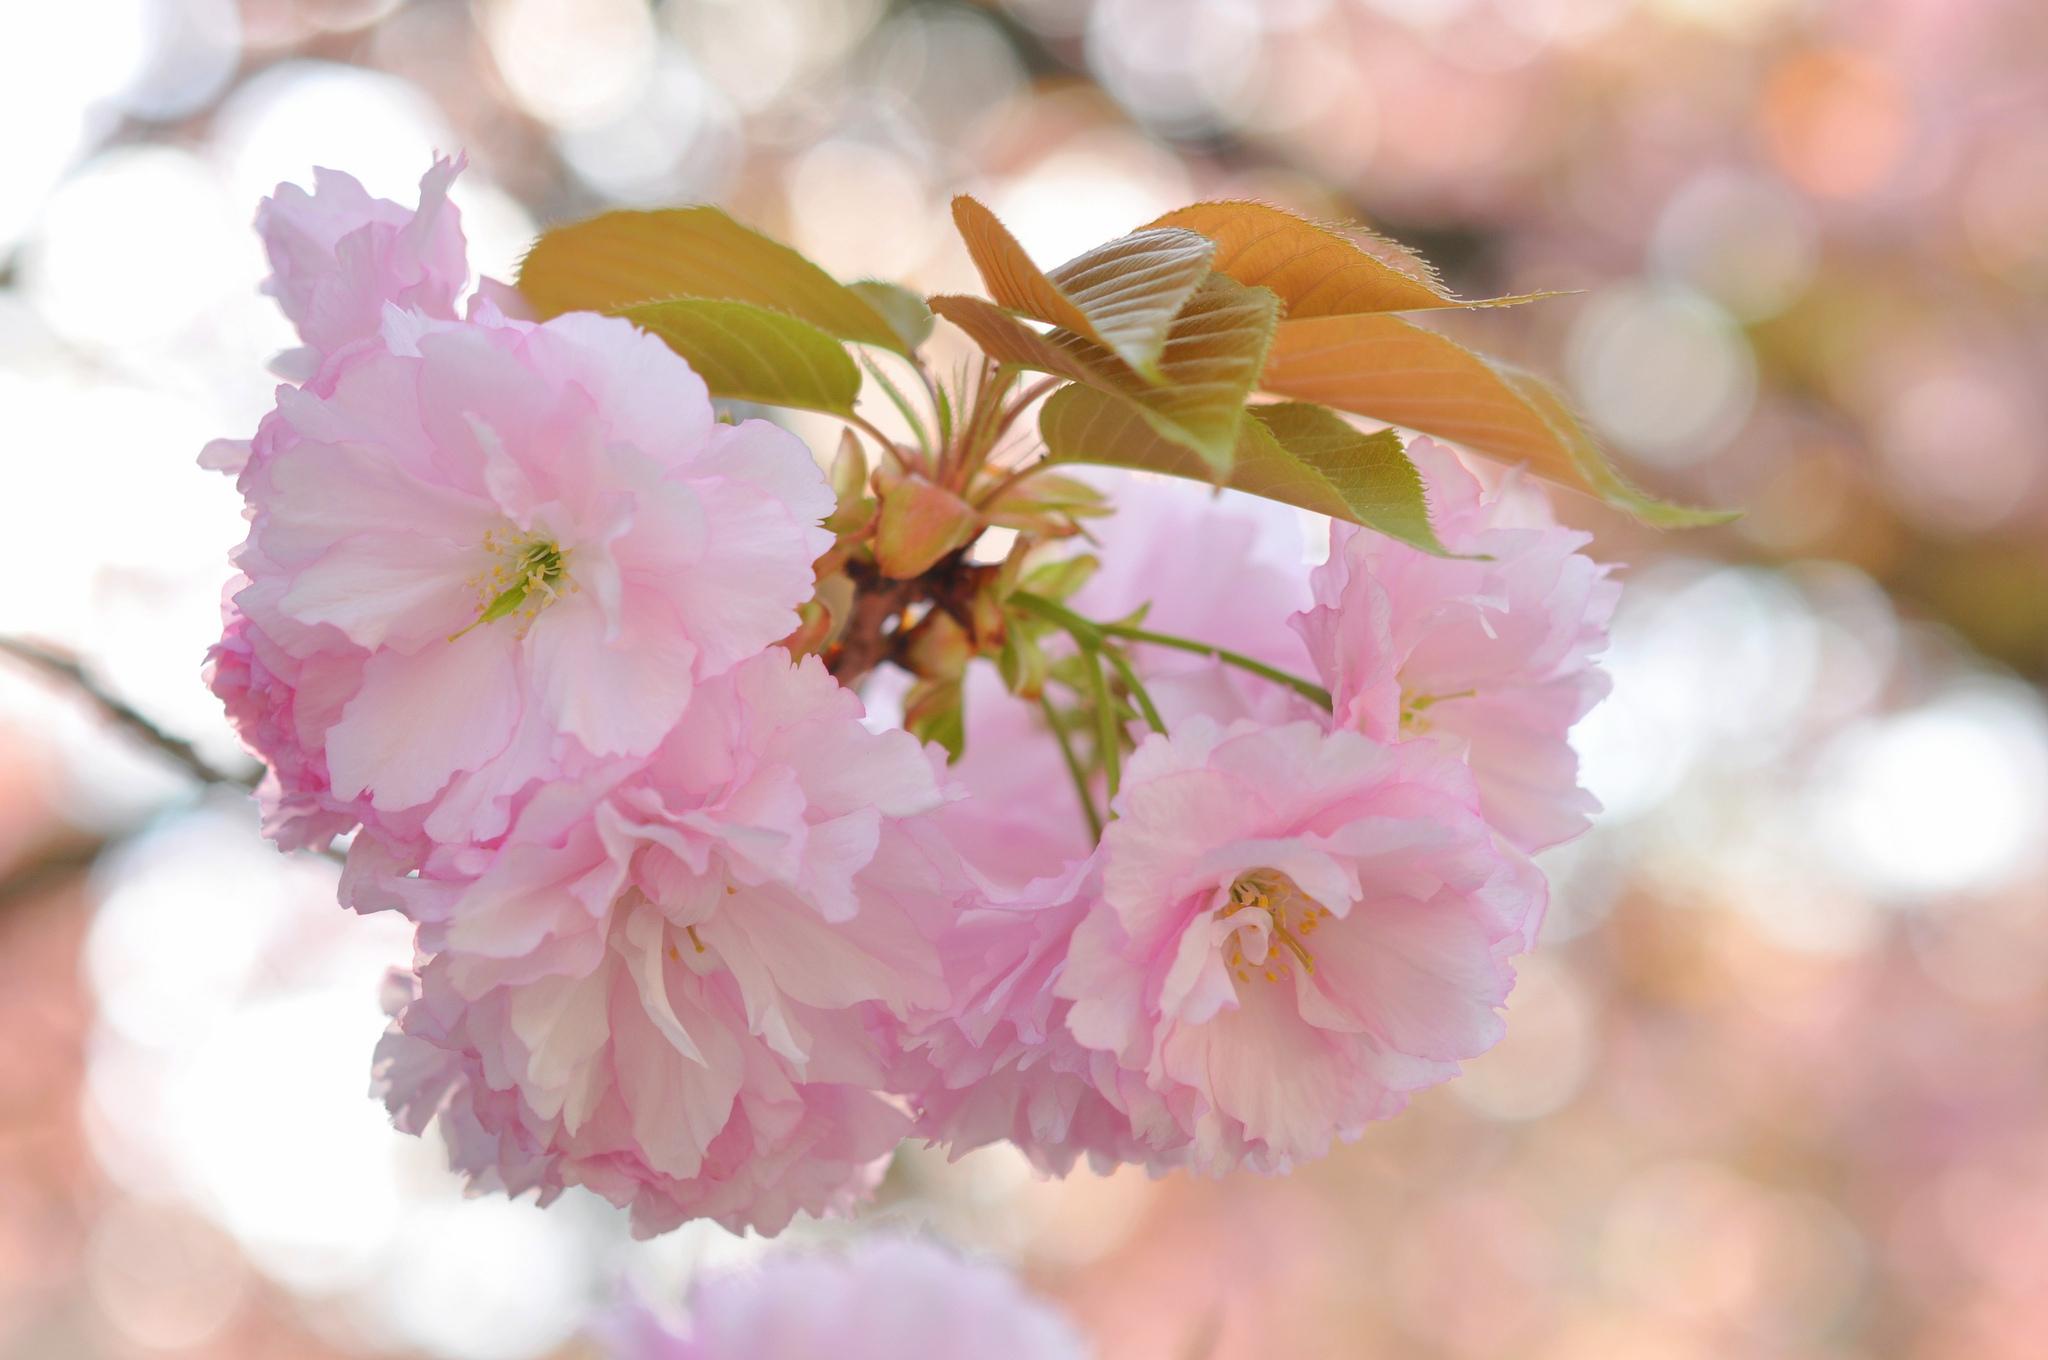 нежные цветочки на ветке  № 1333946 загрузить